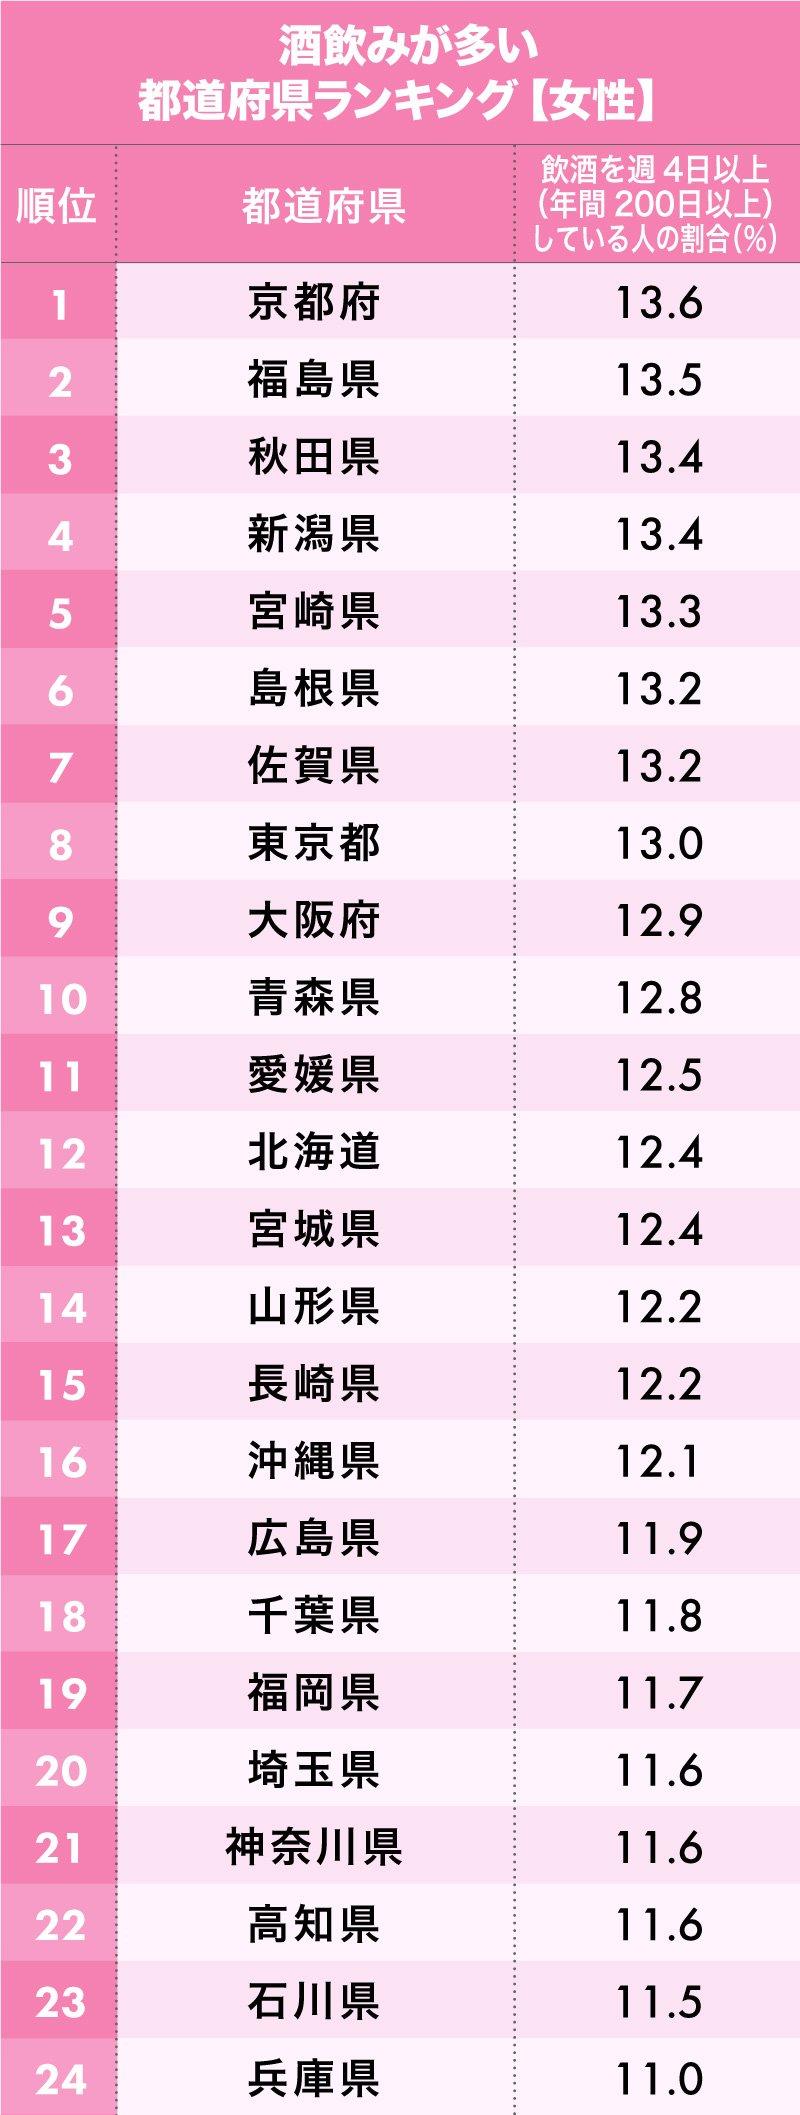 「酒飲みが多い都道府県ランキング【女性版】」1~24位